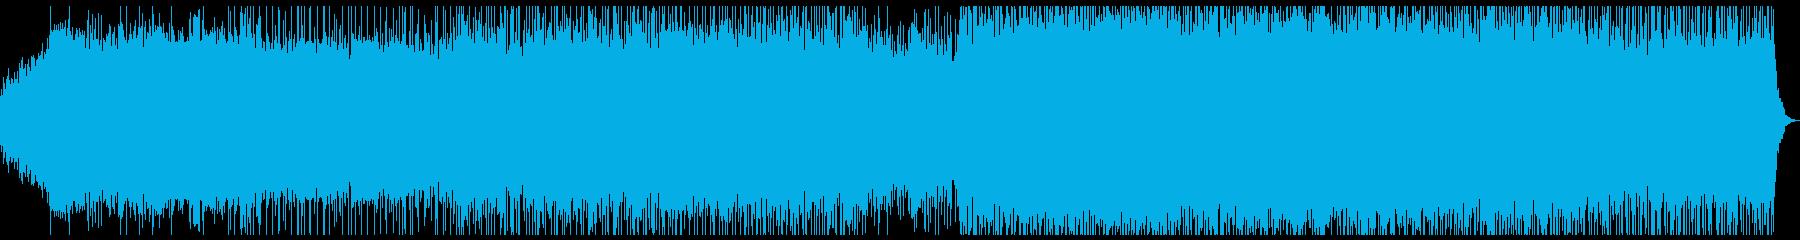 ピアノとバイオリンの躍動感のあるポップスの再生済みの波形